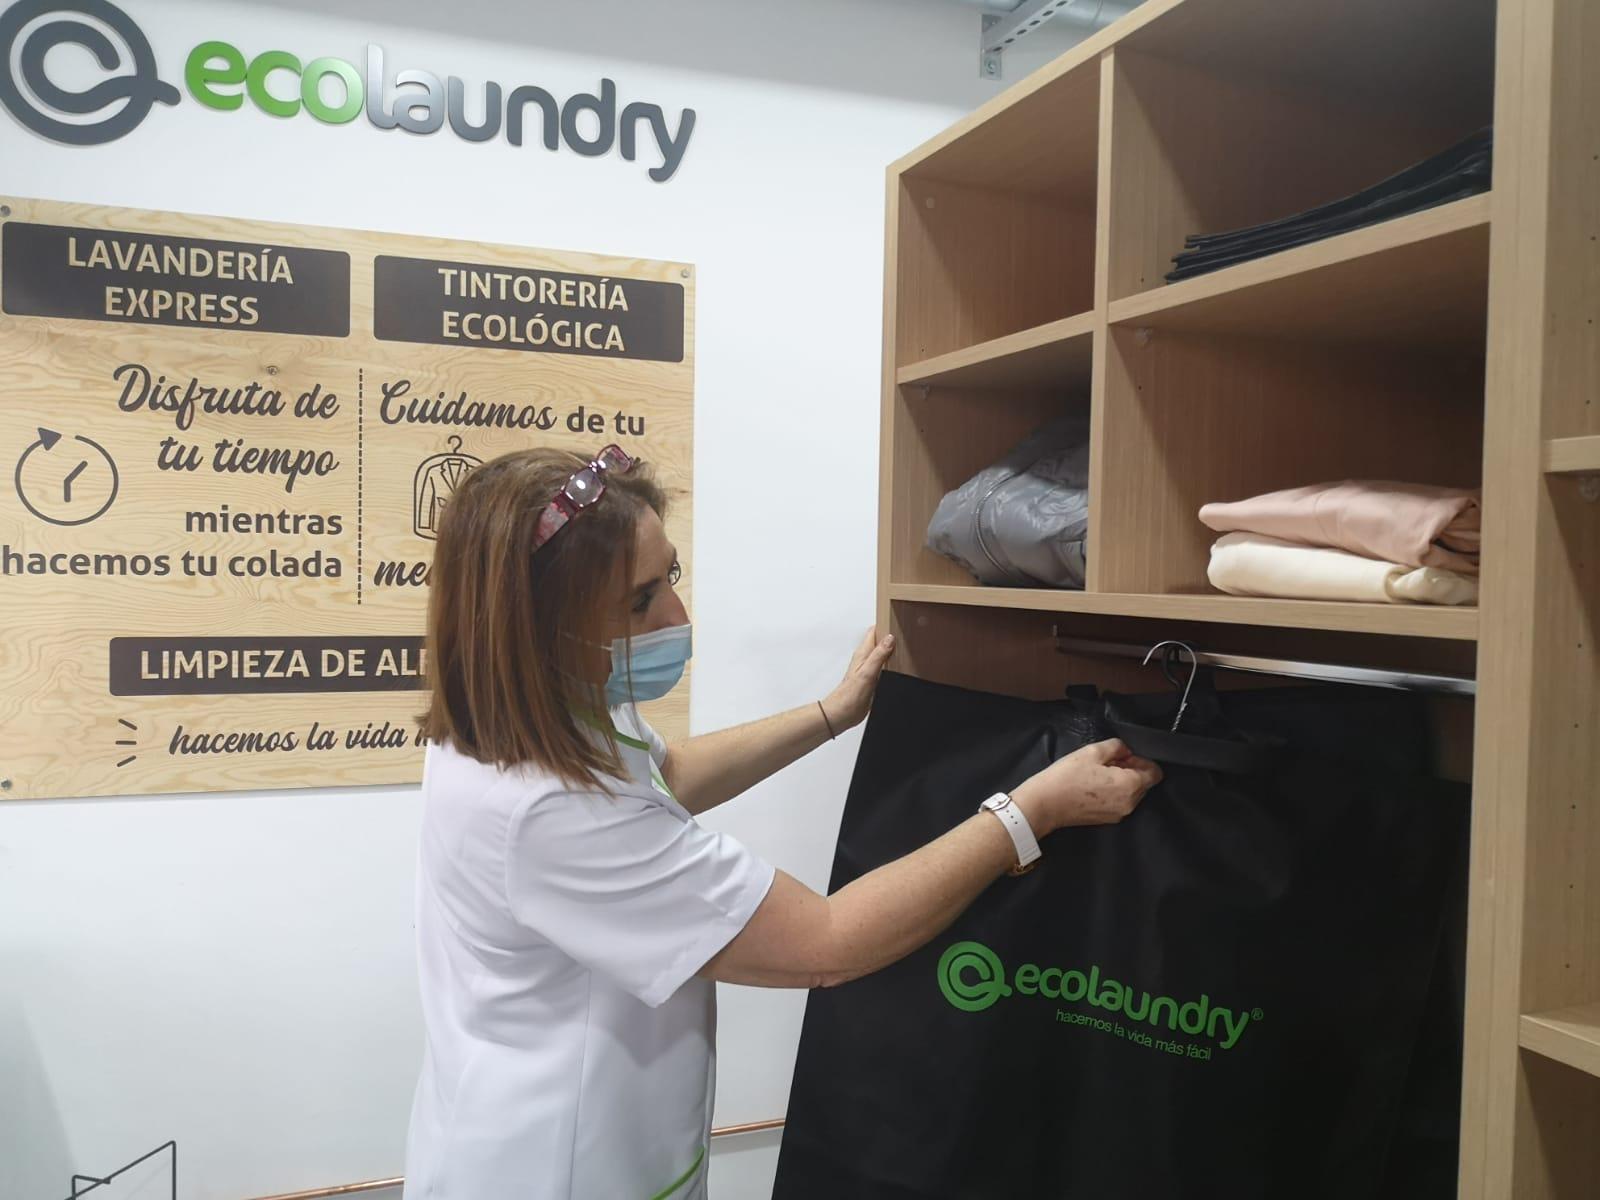 bilbondo - lavanderia y tintoreria ecologica